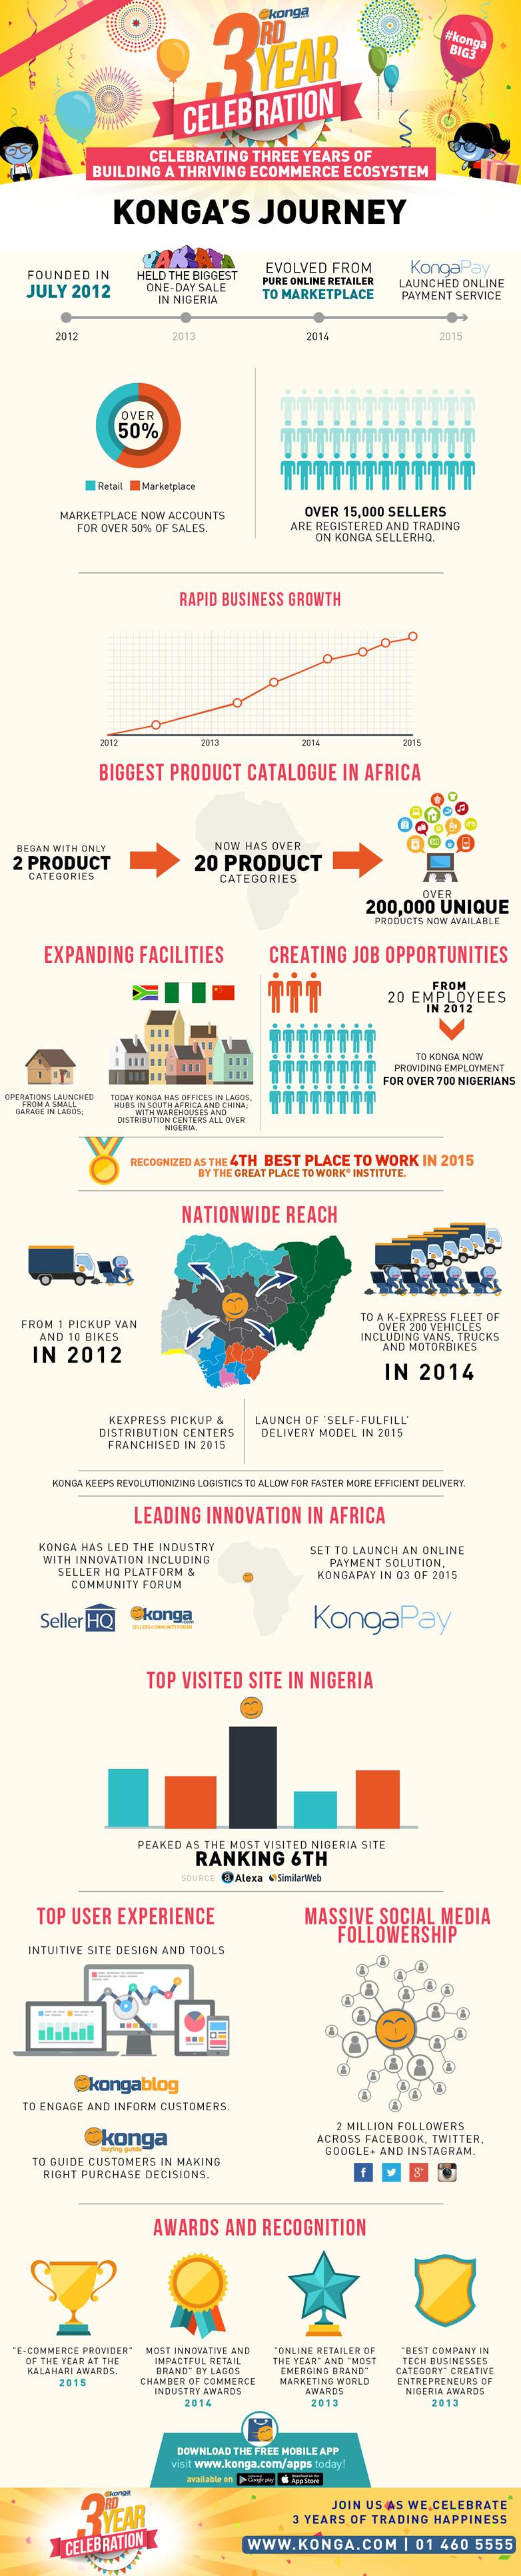 konga-infographic